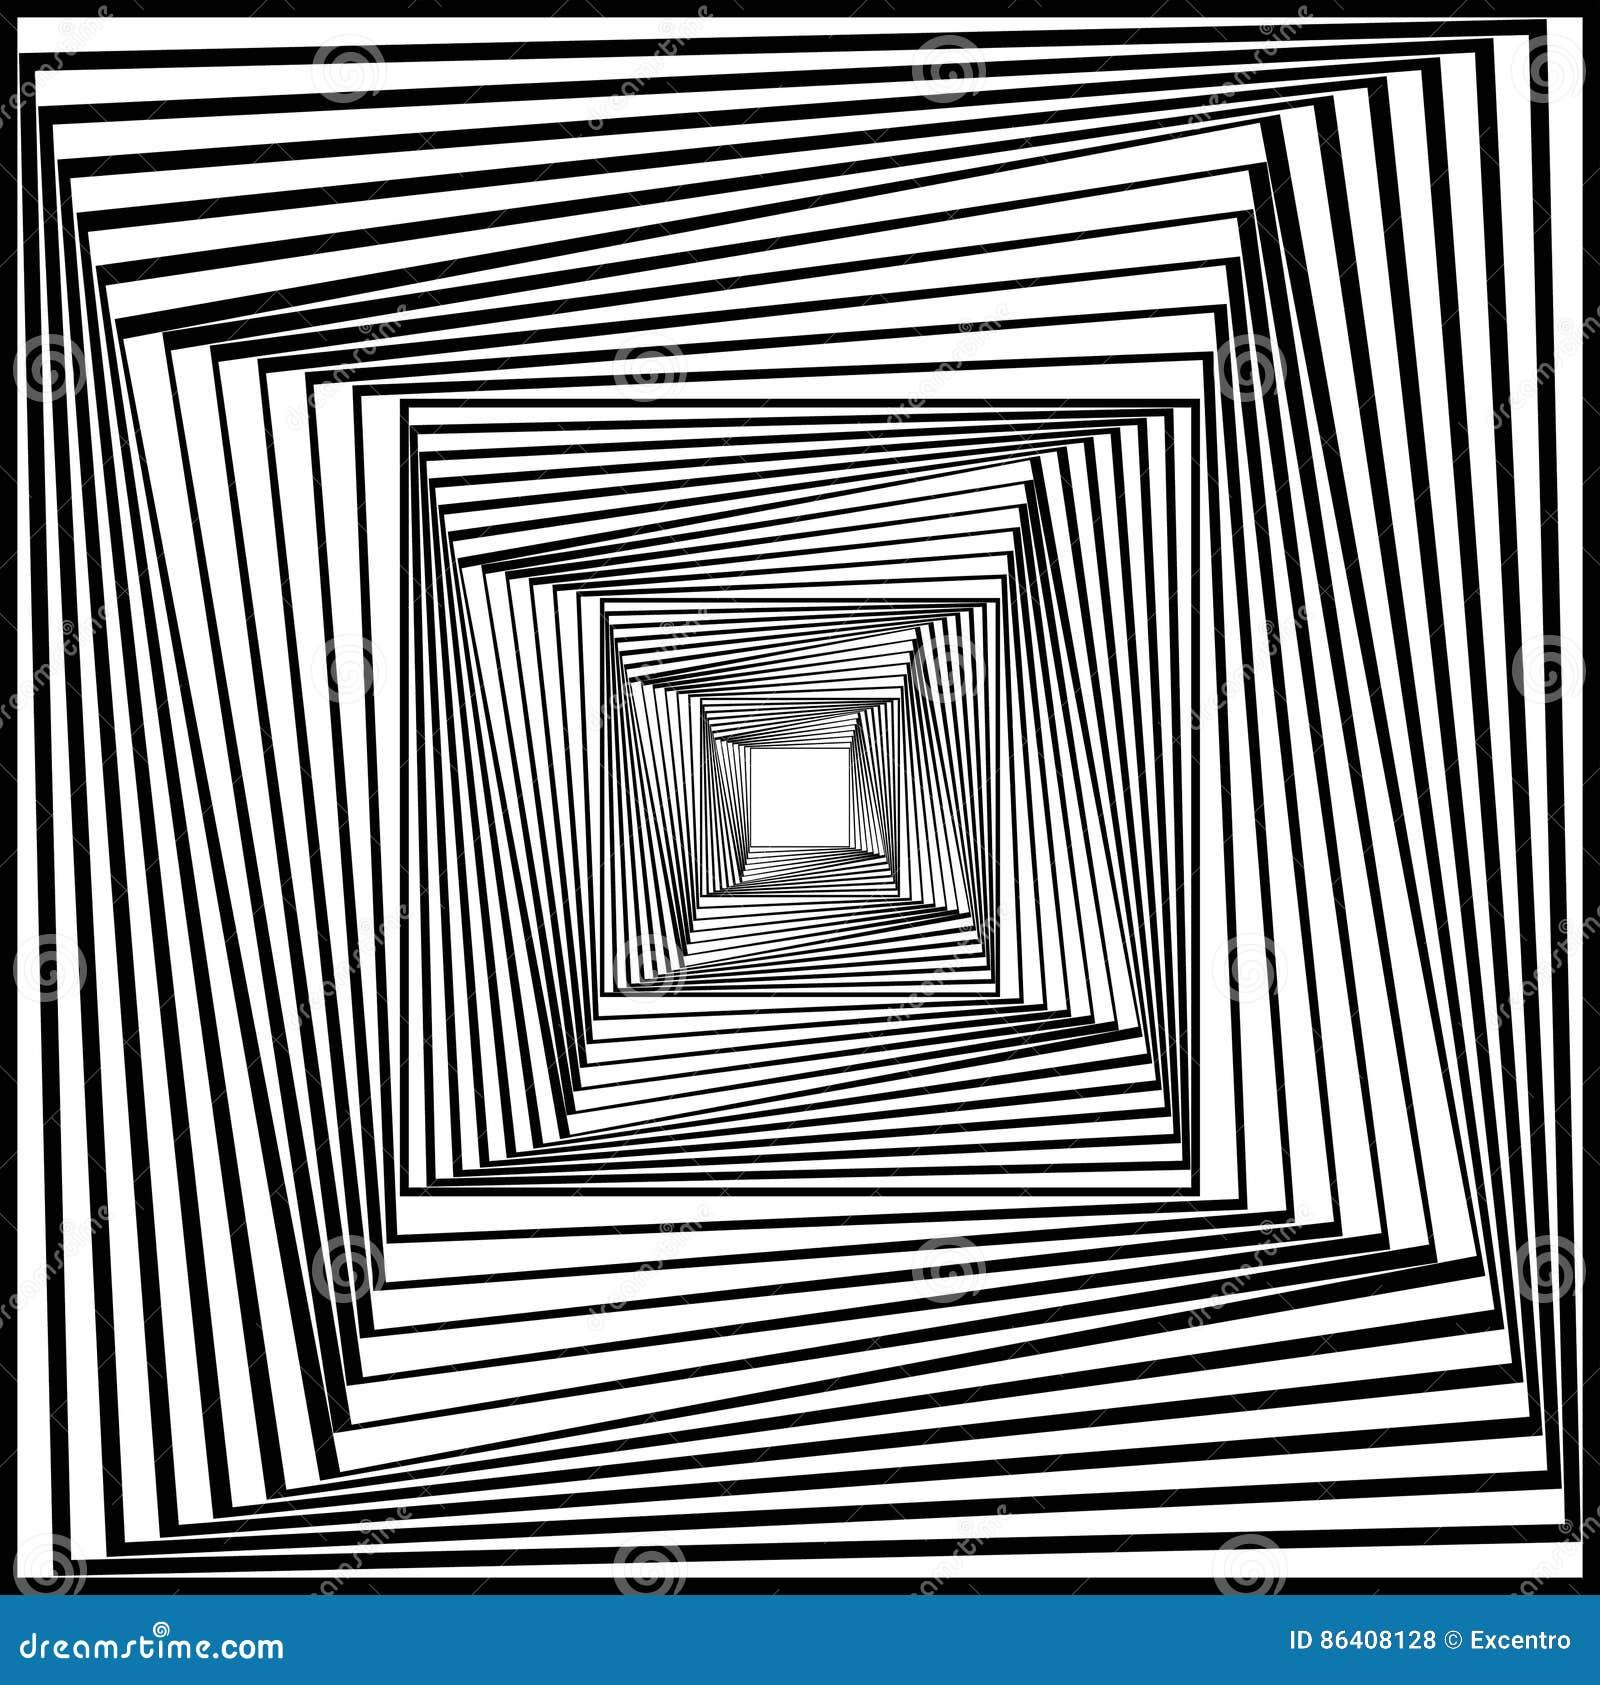 Optical Art Stock Vector. Illustration Of Escher